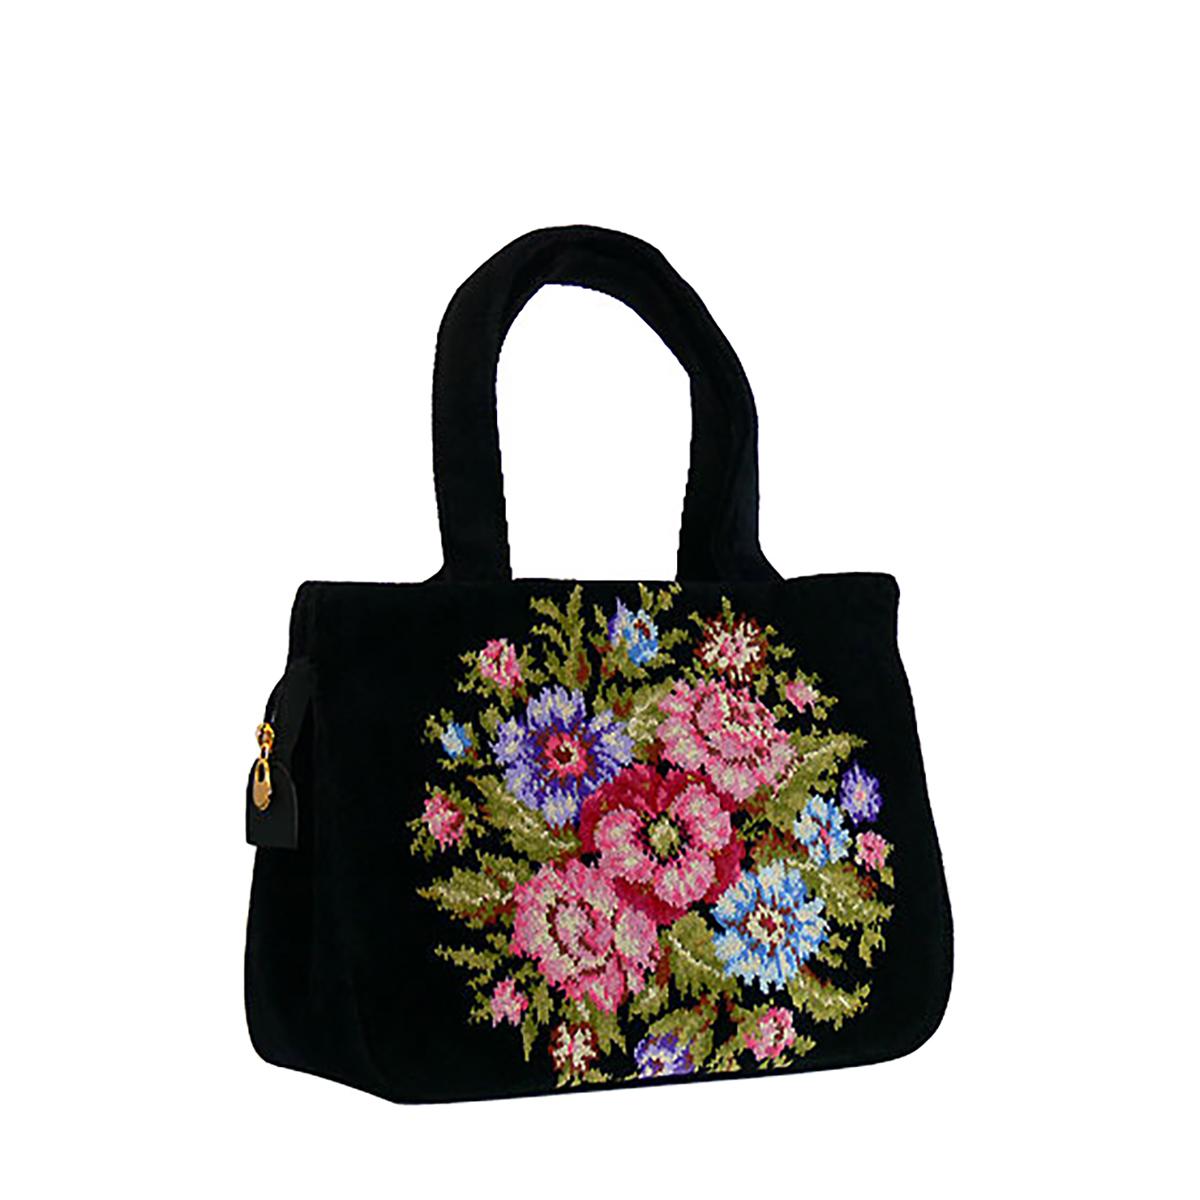 【5%offクーポン】フェイラー バッグ TA1 ビエンナ FEILER 花柄 トートバッグ Vienna Bag (ショルダーバッグにも)ハンドバッグ プレゼントに レディース ギフト・のし可